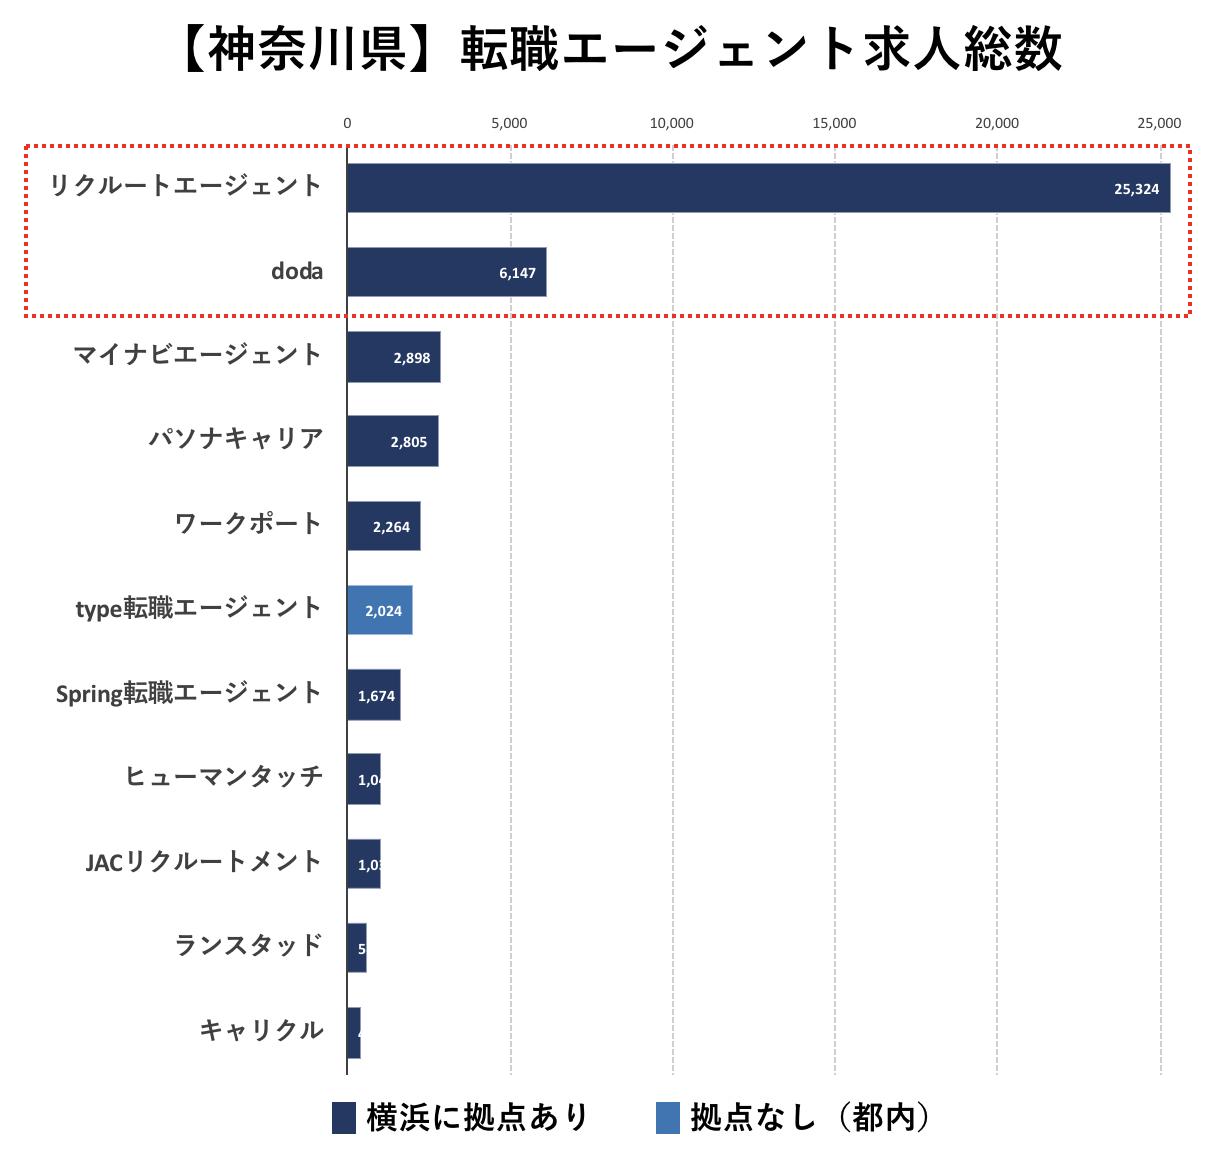 神奈川の転職エージェントの求人数の比較